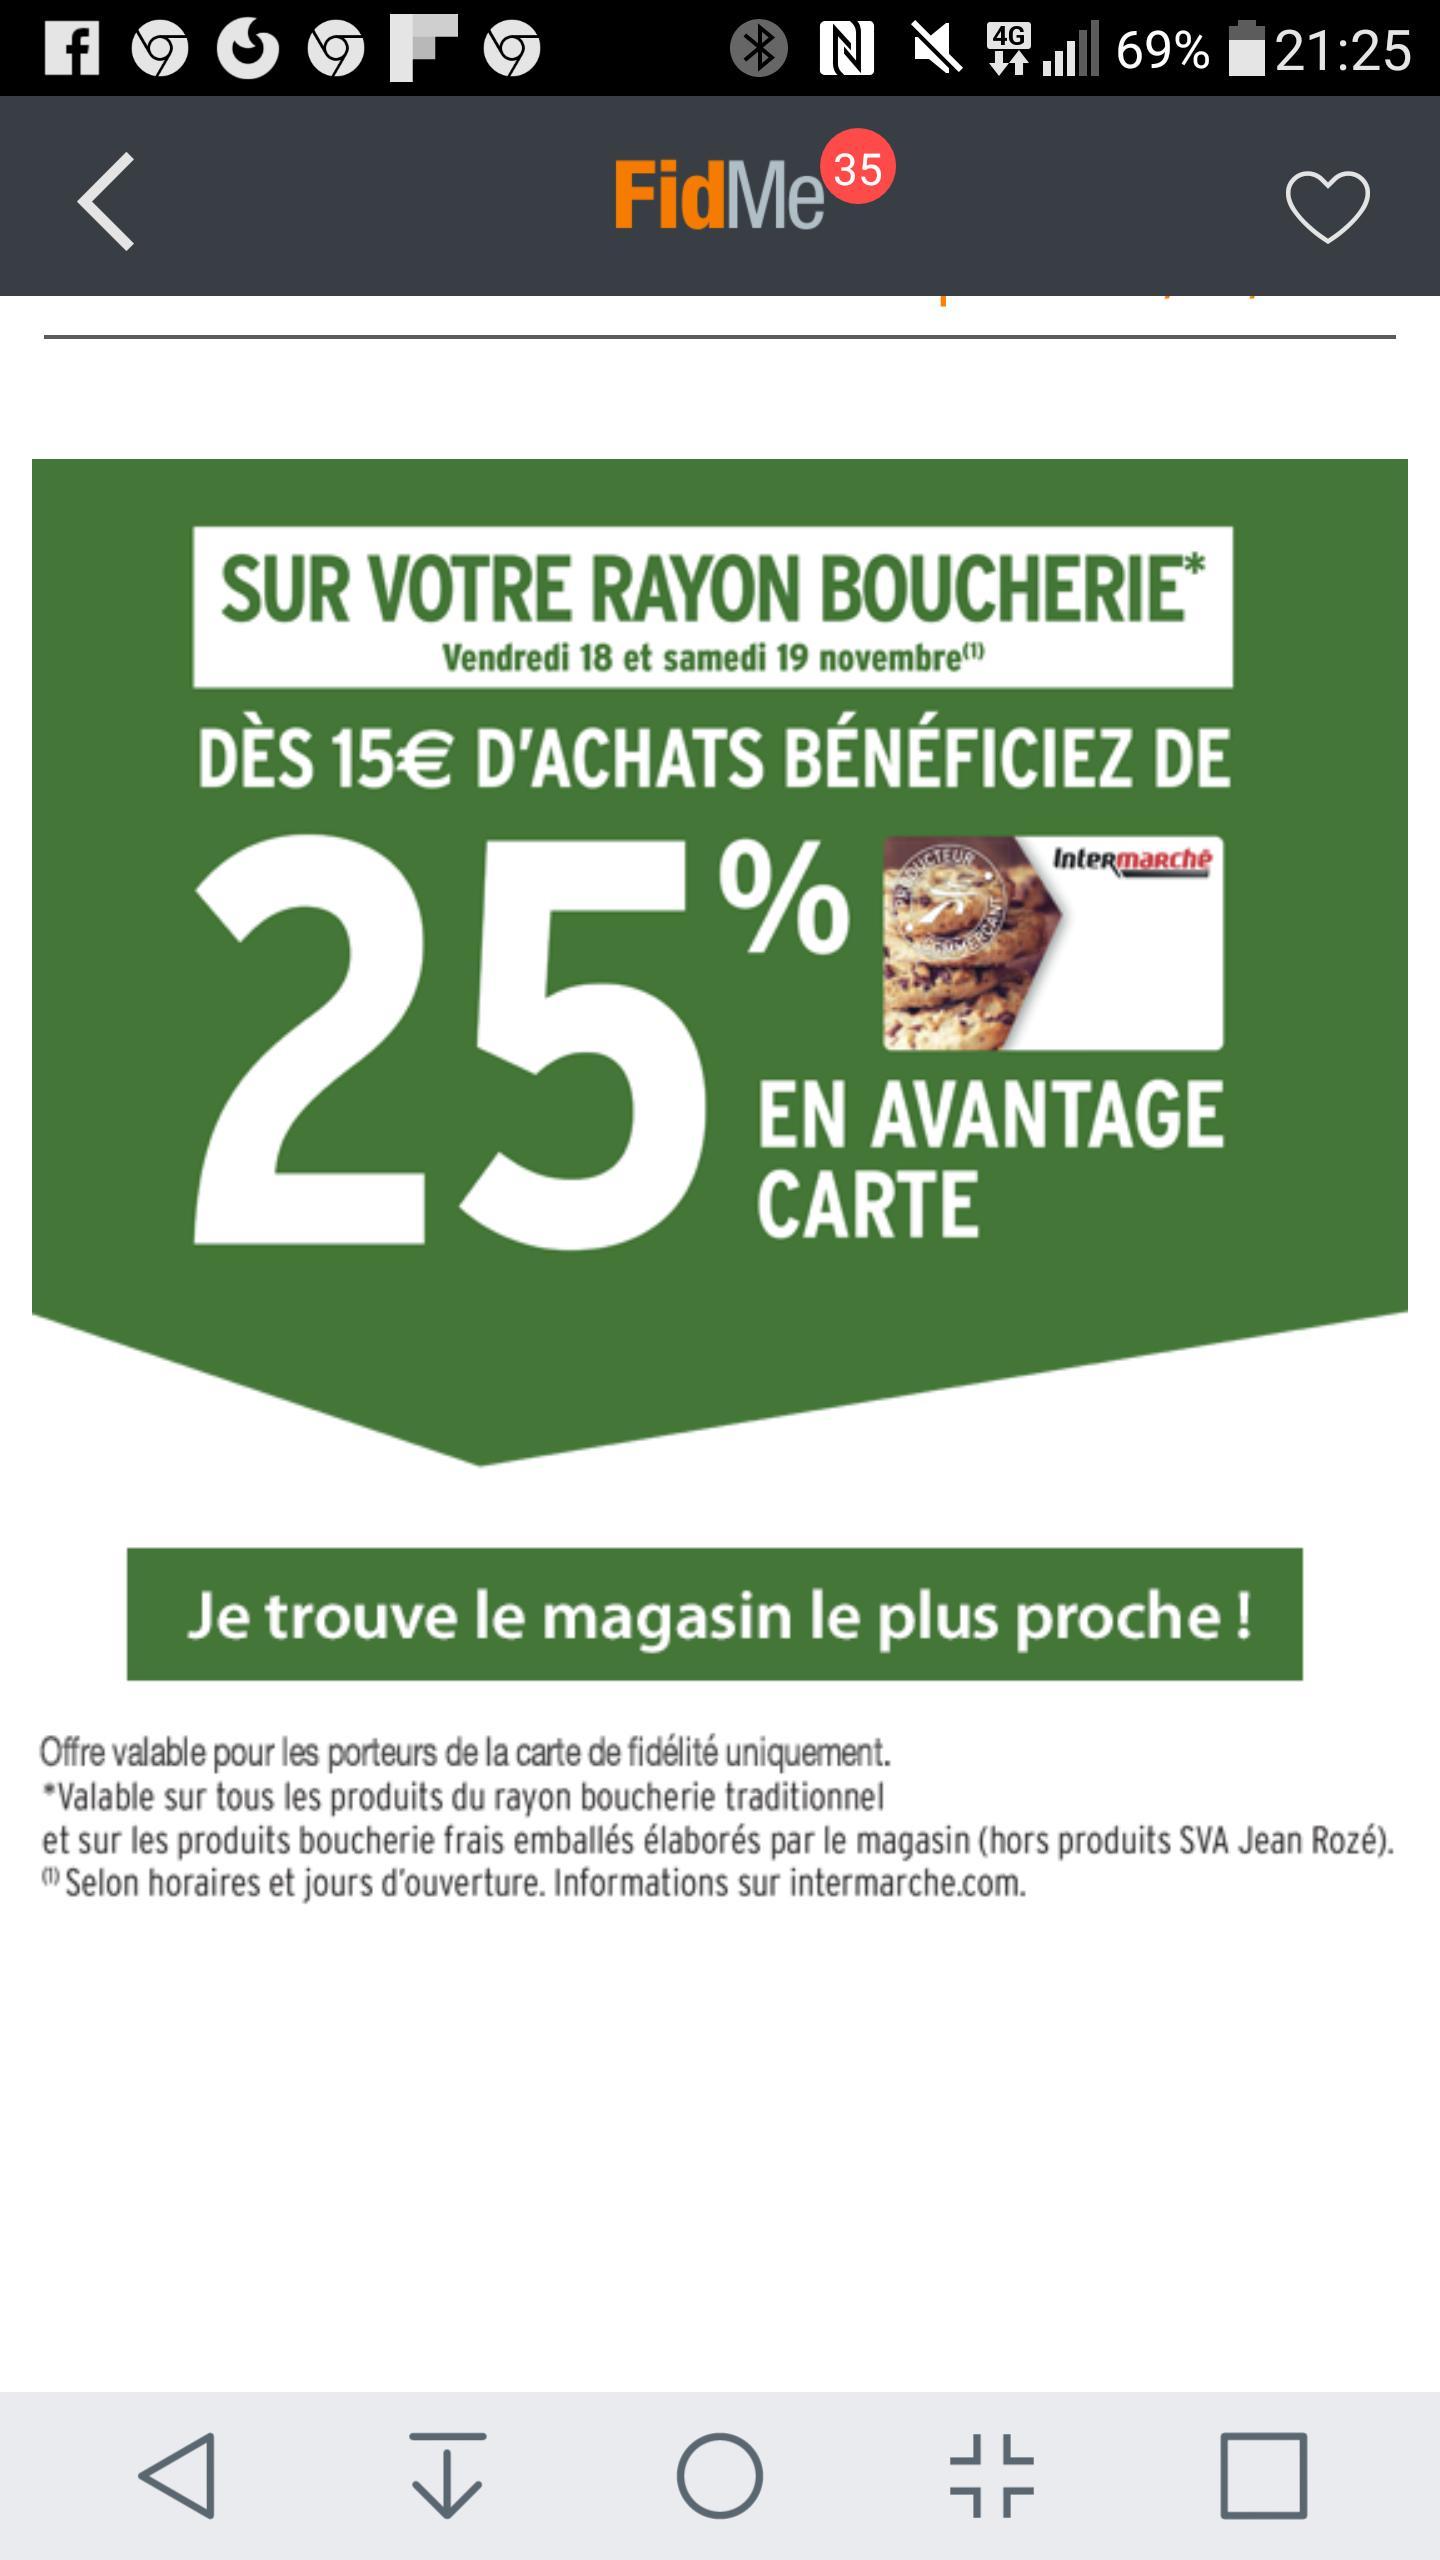 -25 %  au rayon boucherie dès 15 euros en avantage carte